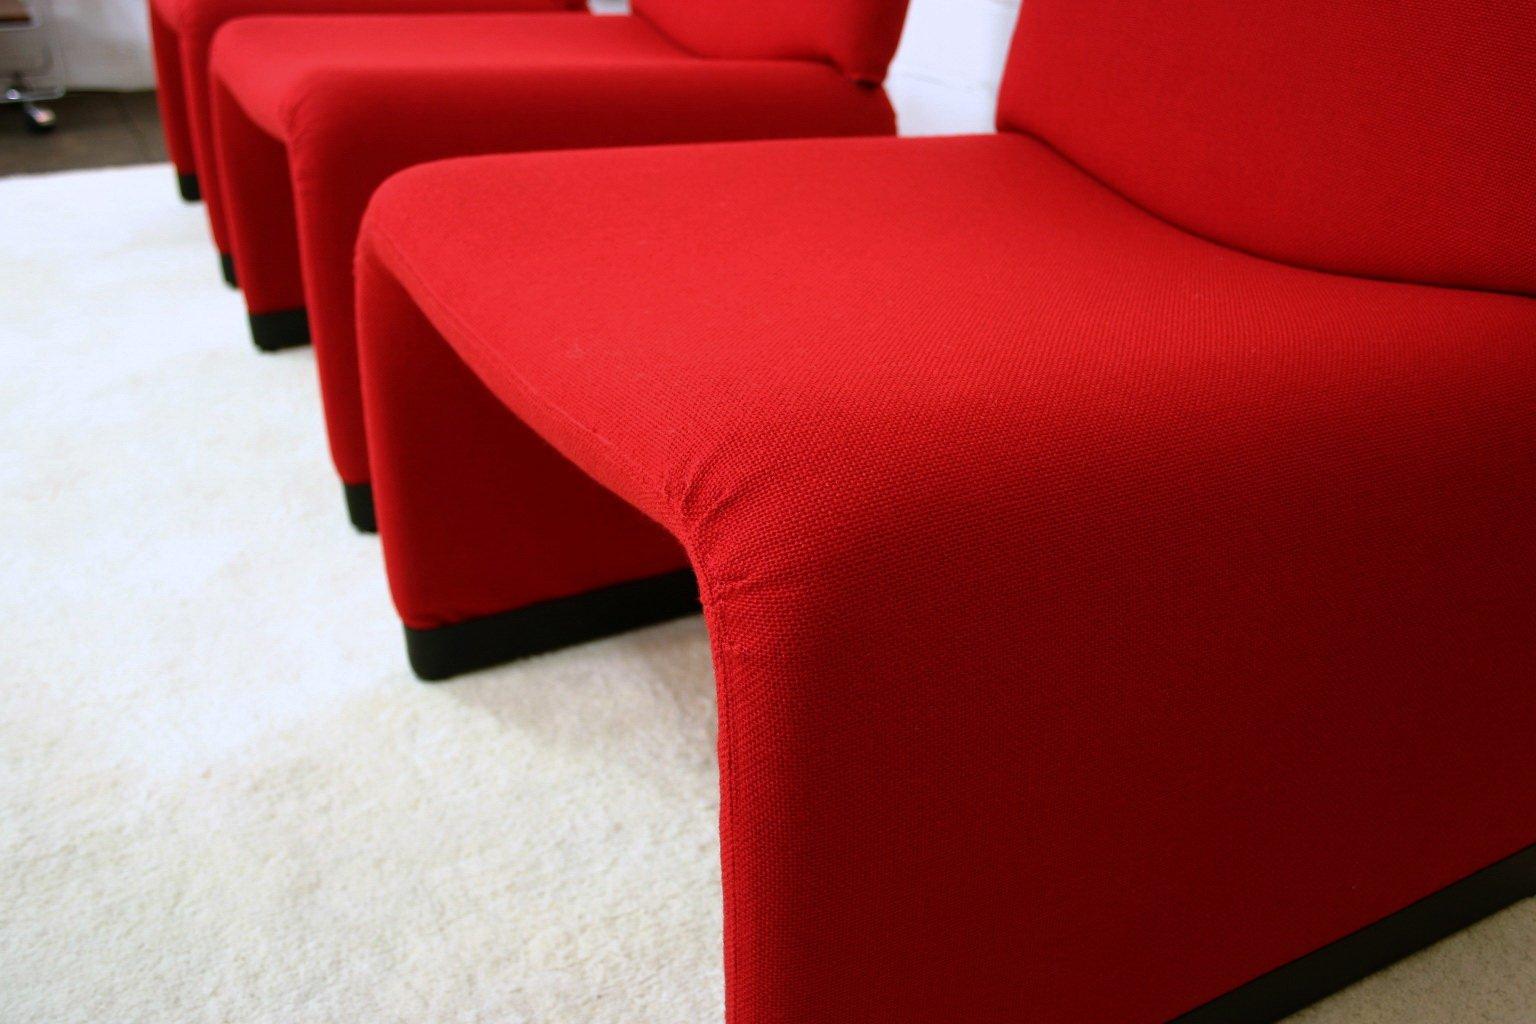 roter lounge sessel mit hopsak bezug von giancarlo piretti f r castelli bei pamono kaufen. Black Bedroom Furniture Sets. Home Design Ideas